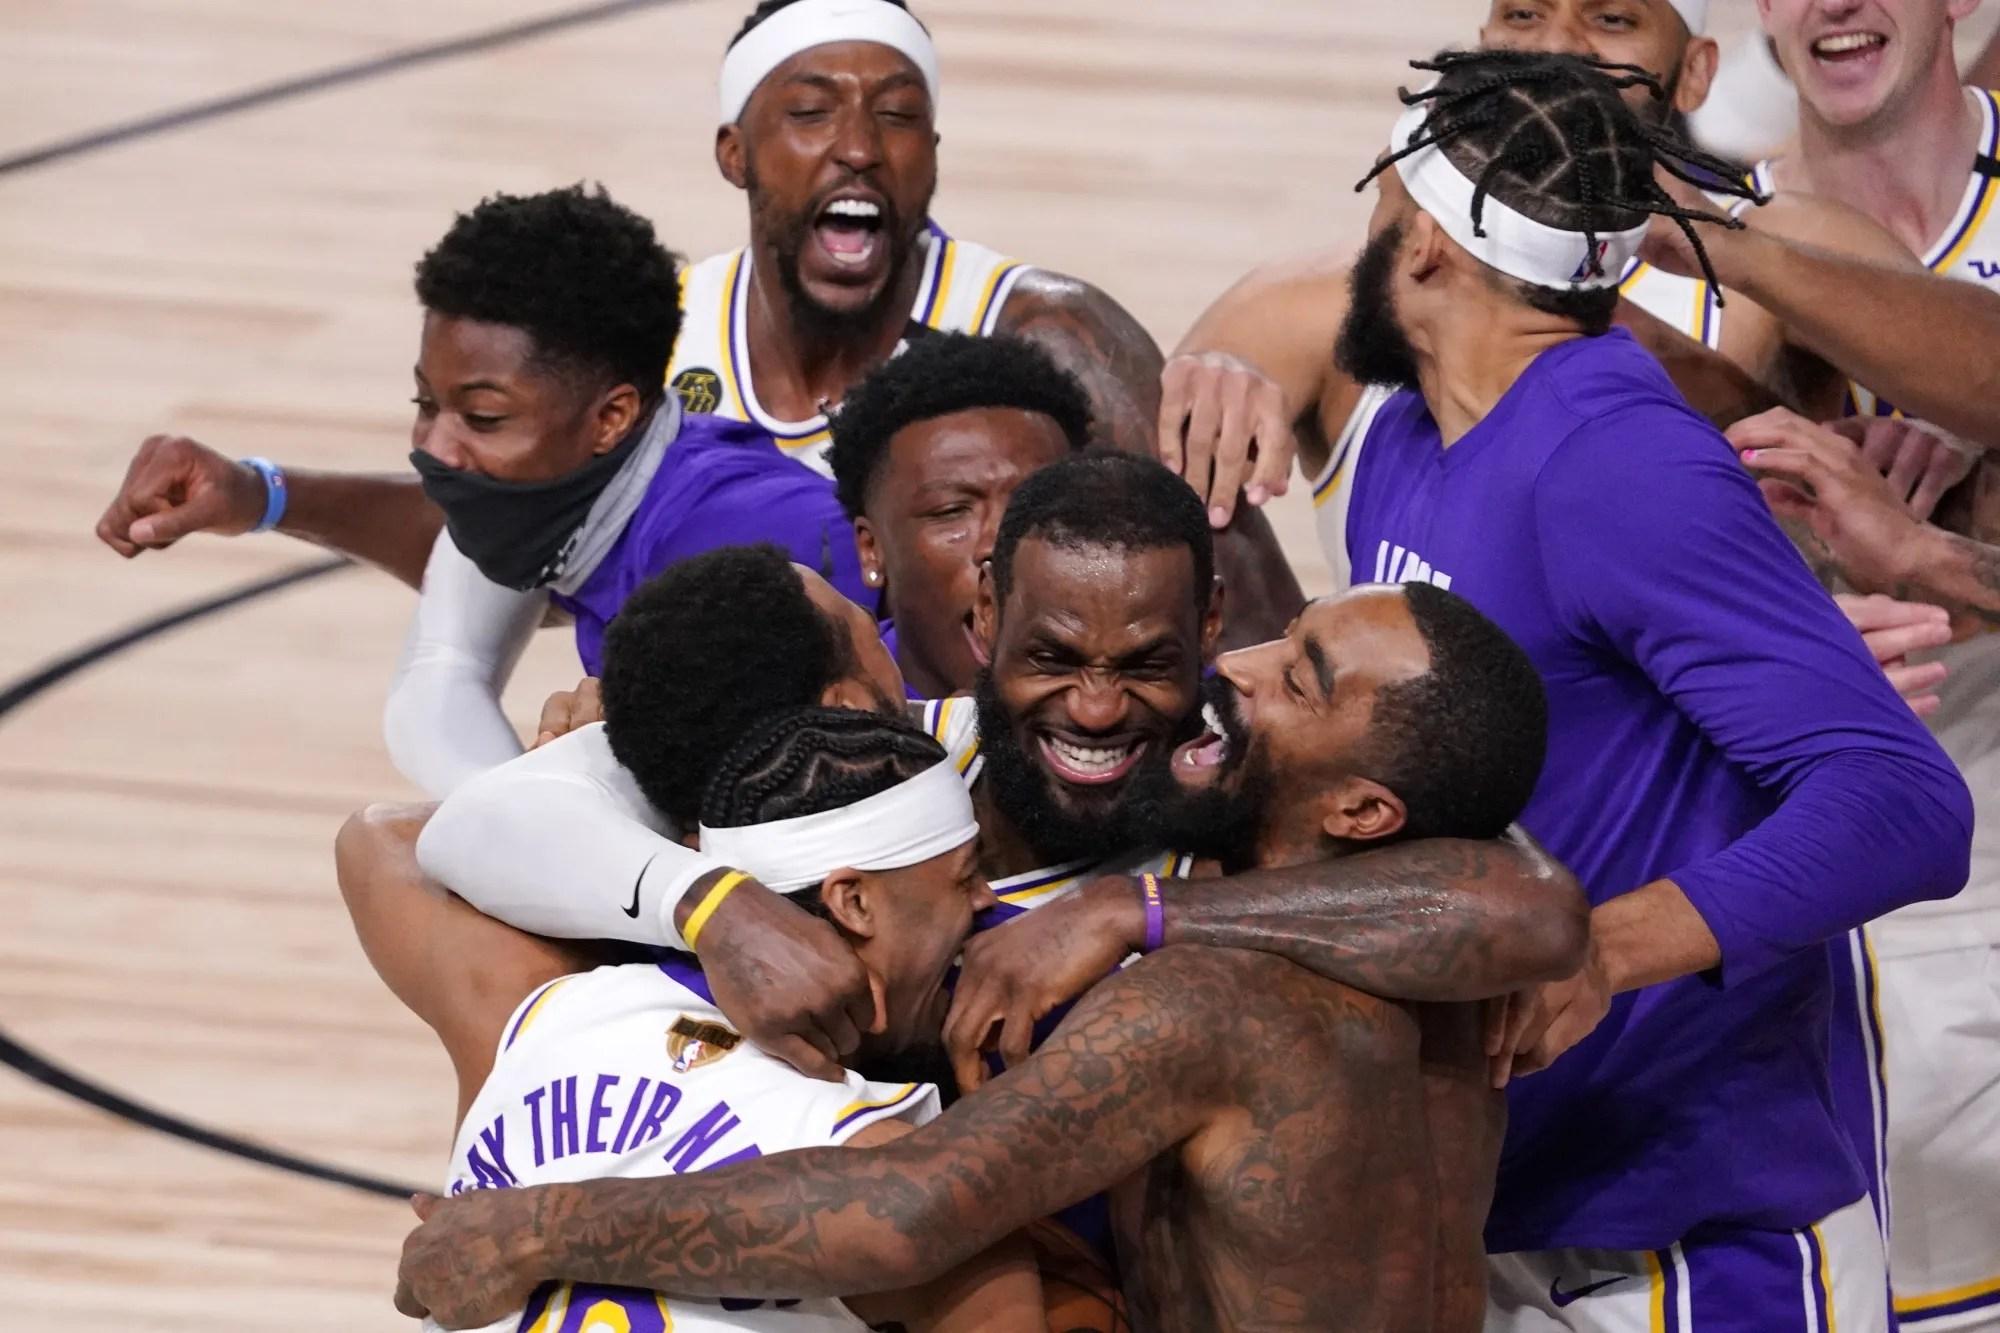 LeBron James celebrates with his teammates